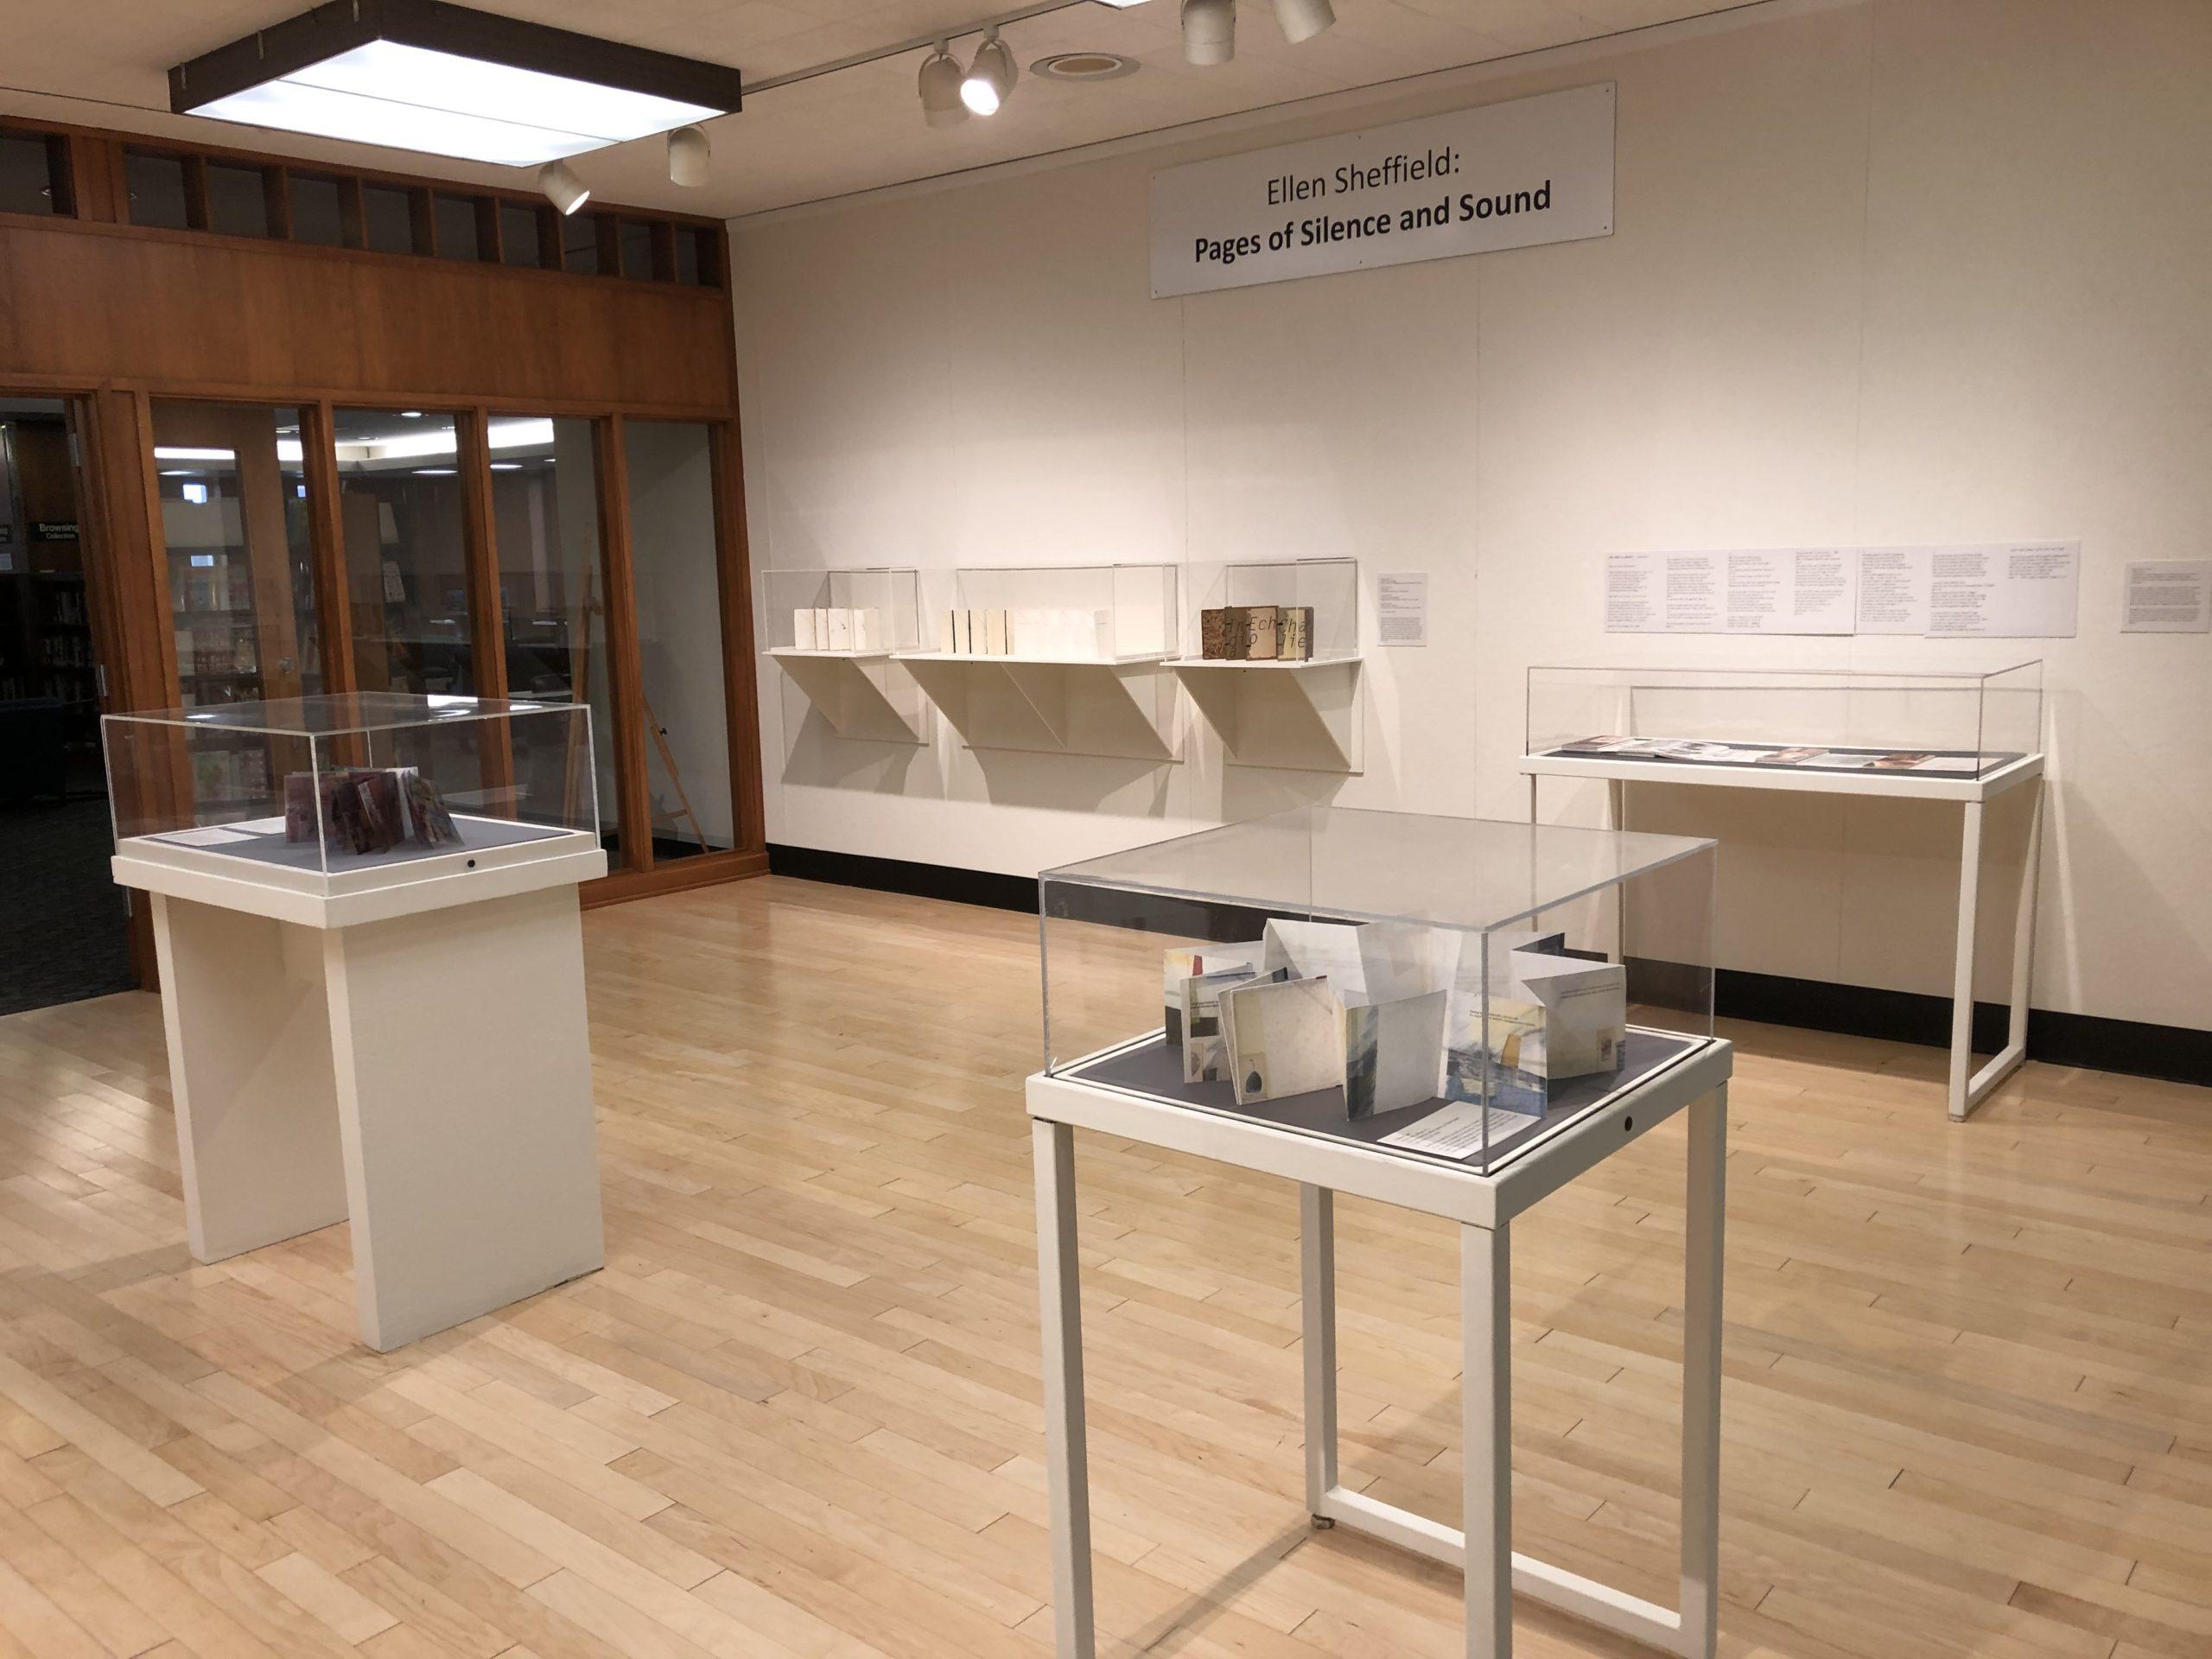 Ellen Sheffield exhibition